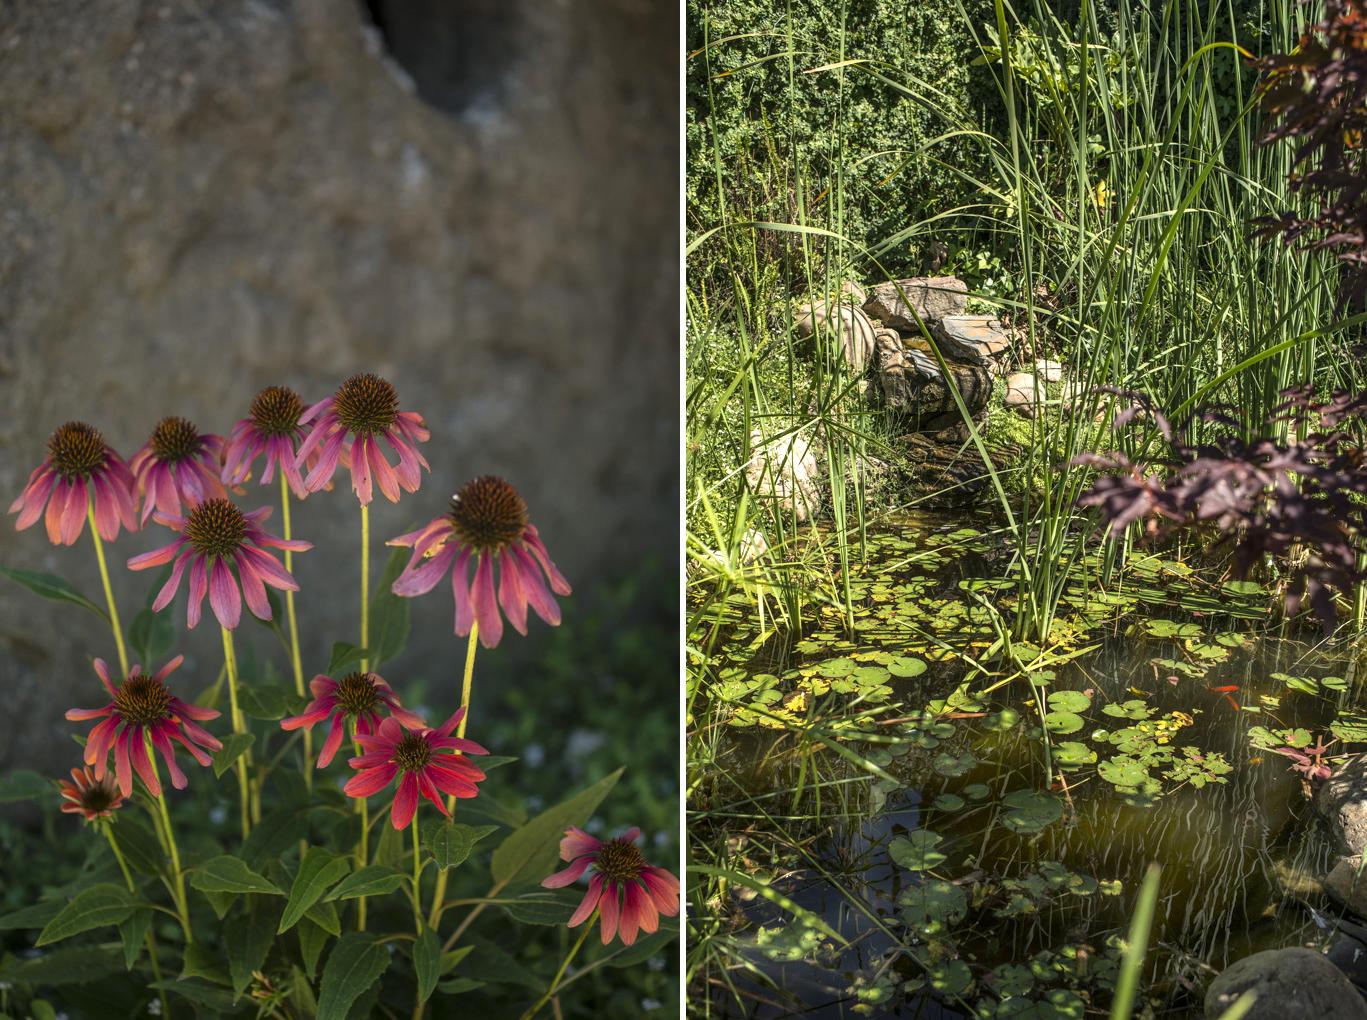 El estanque, con plantas acuáticas y flores de colores